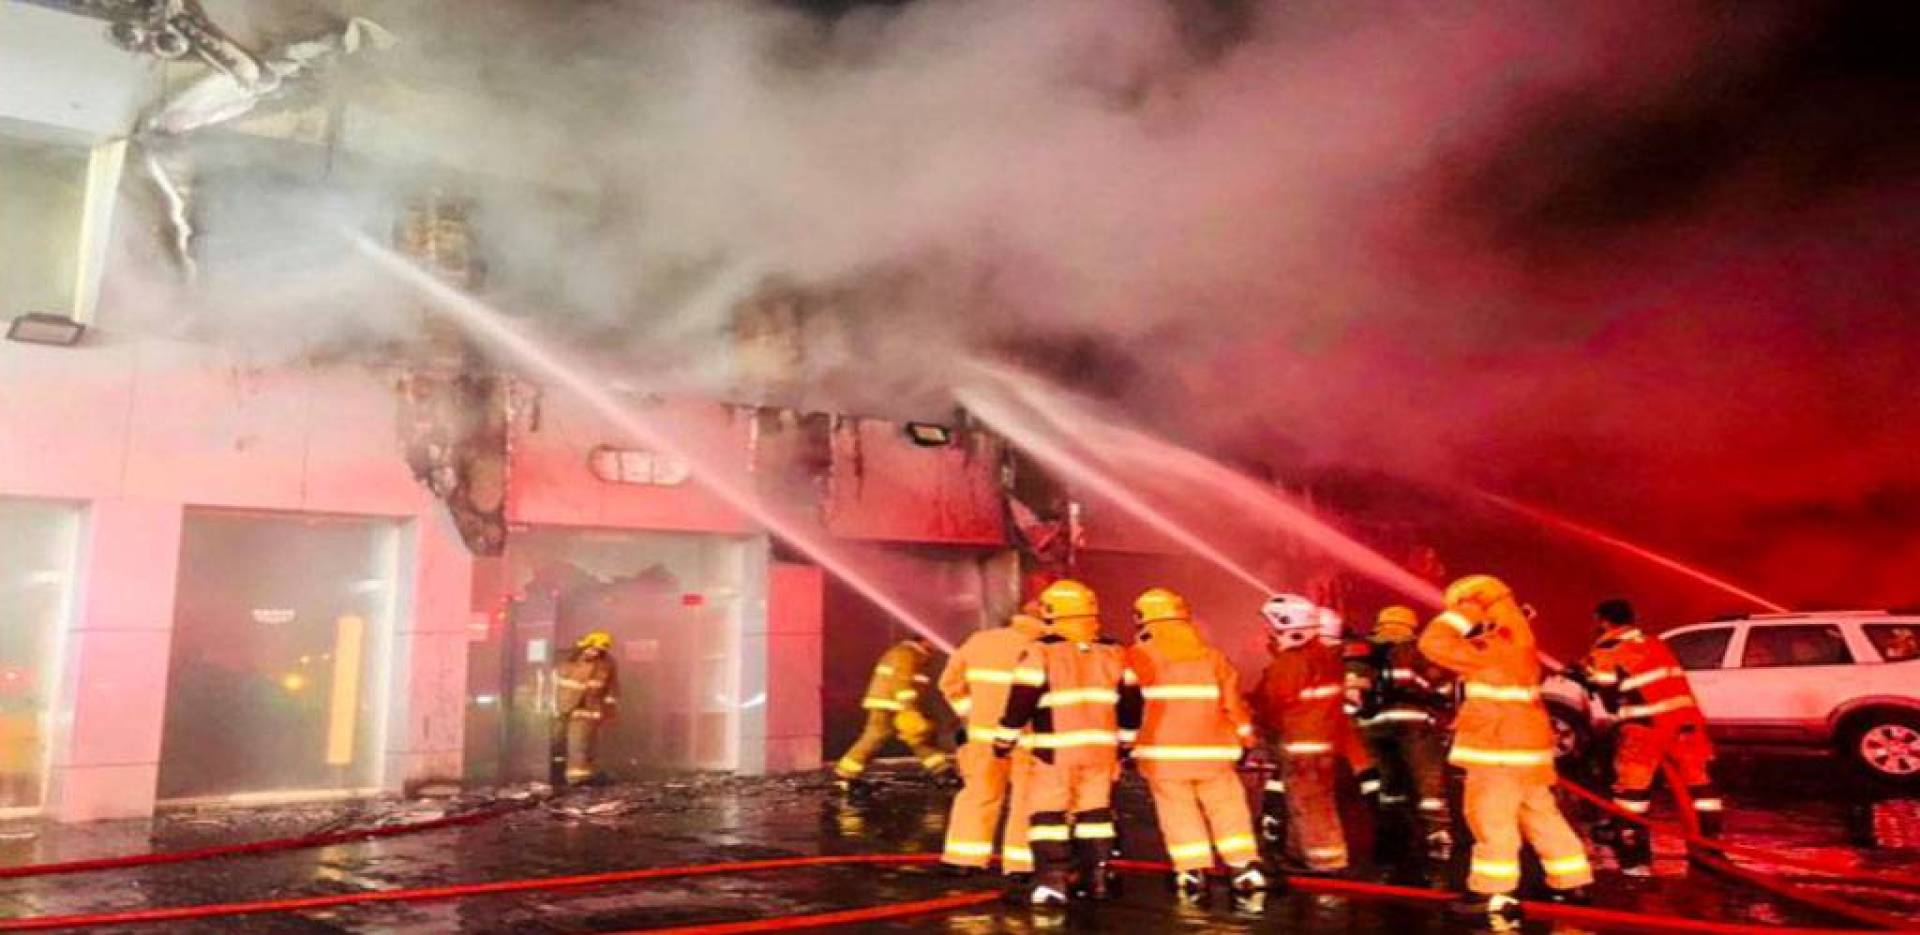 حريق ضخم في معرض أدوات صحية بالشويخ الصناعية